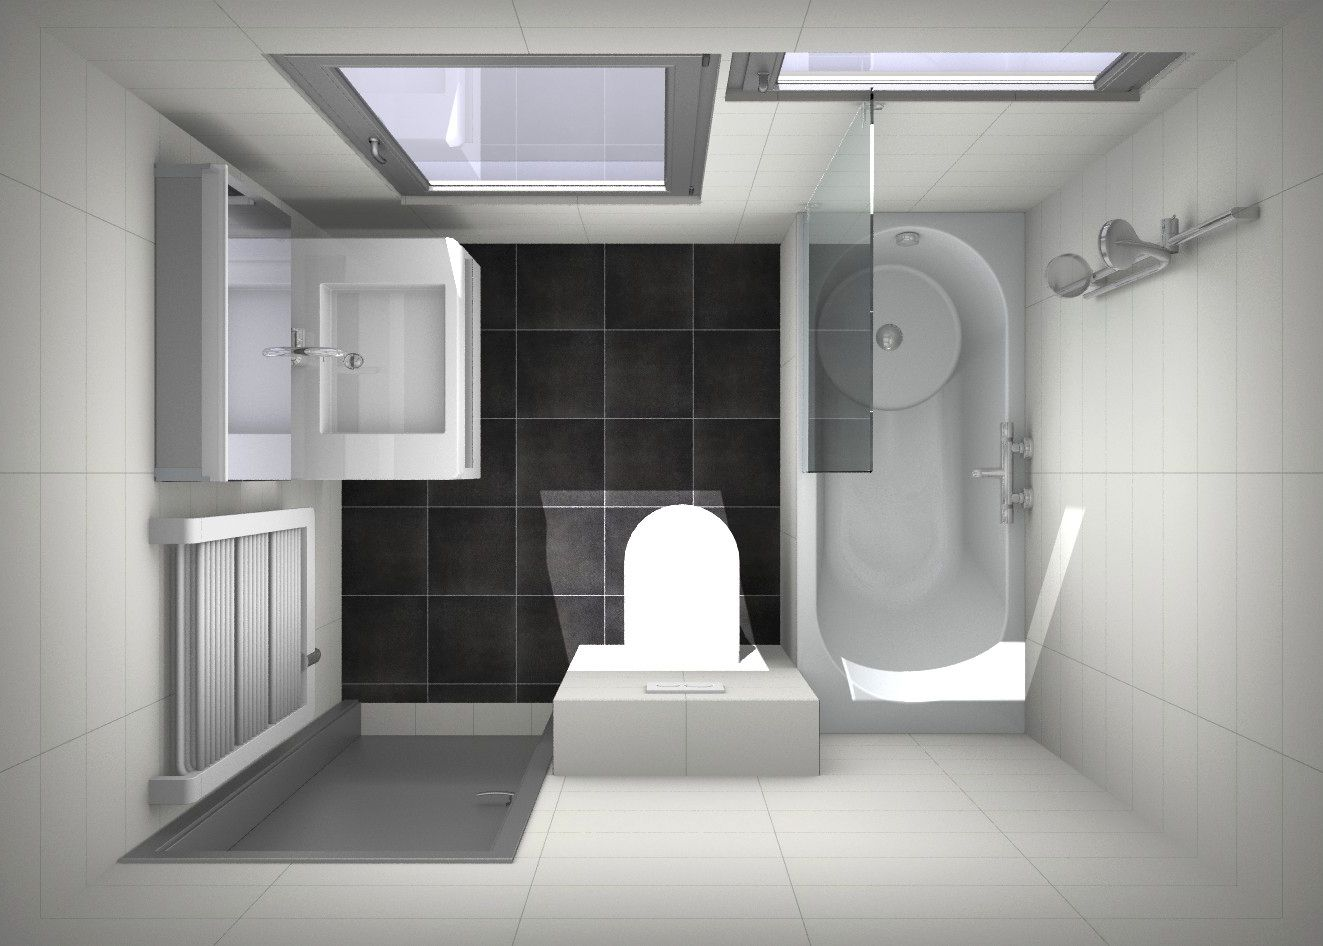 Badkamer Bad Afmetingen : Voorbeeld ontwerp douchen in bad kleine badkamer kleine